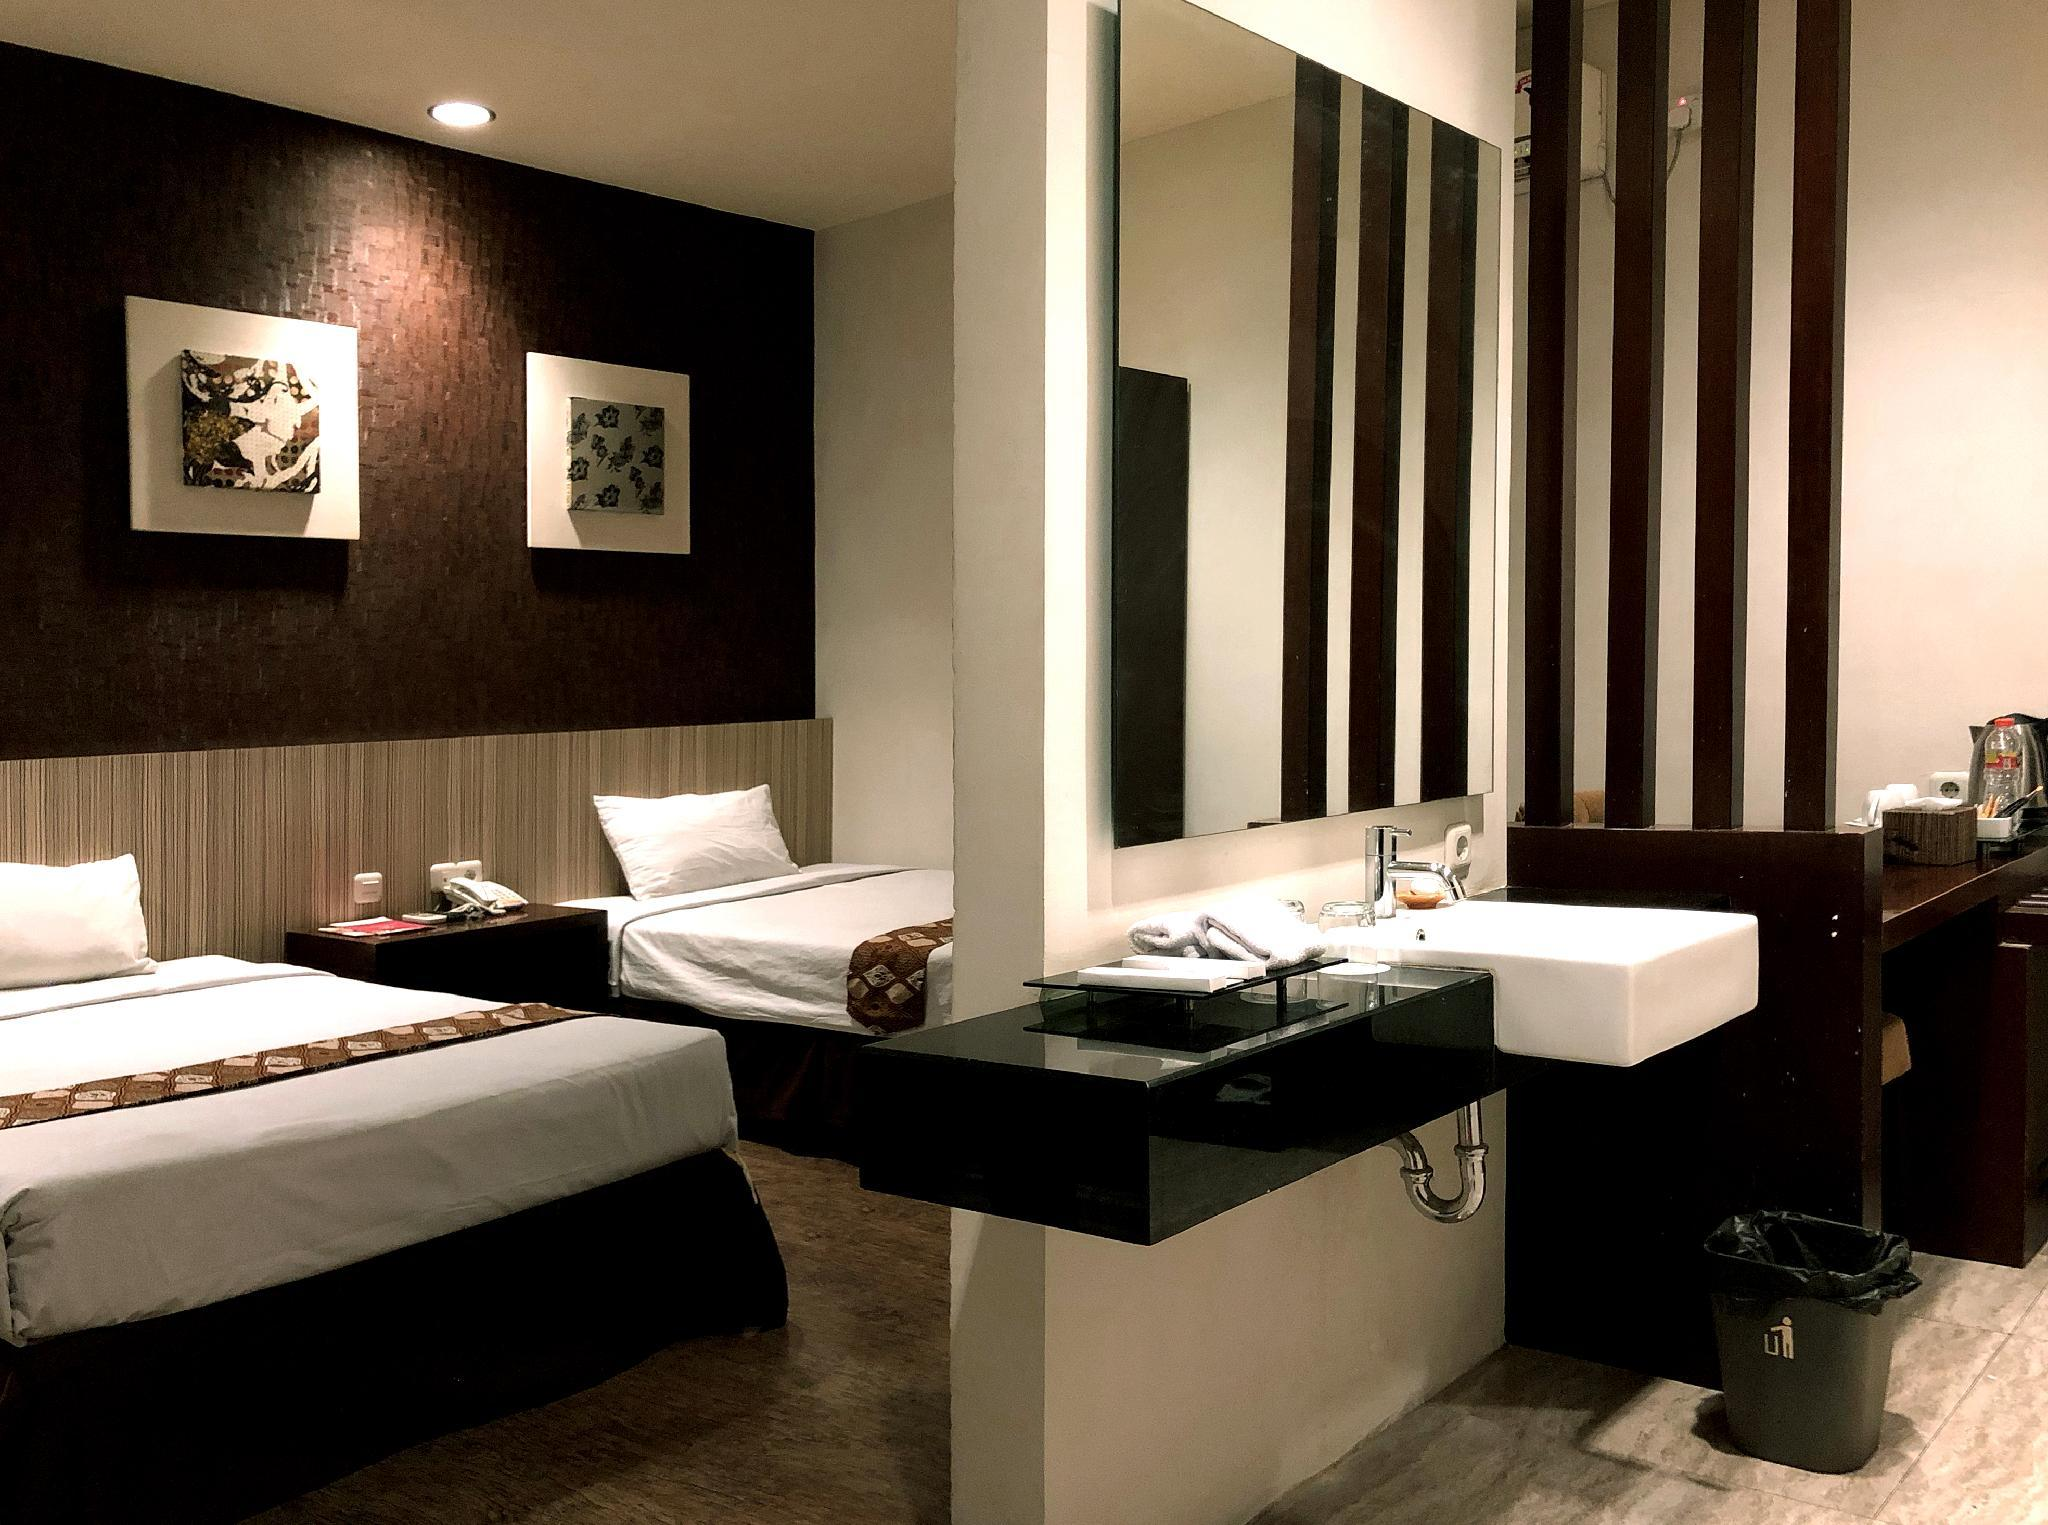 Hotel Sinar 1, Surabaya